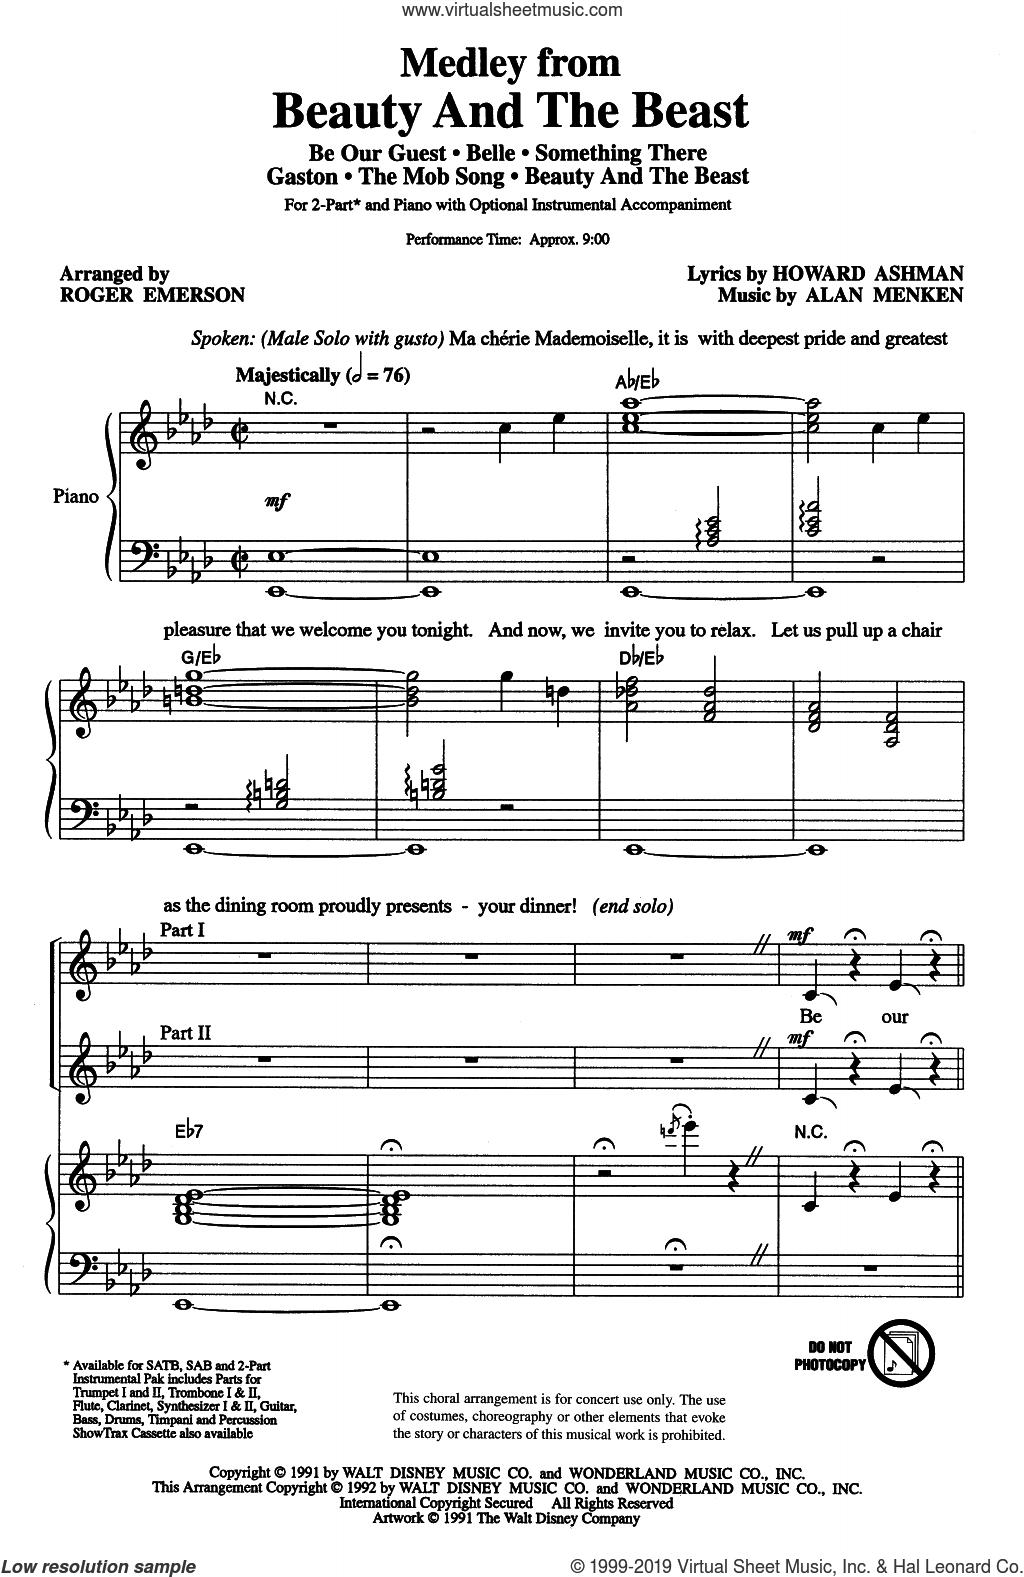 Beauty And The Beast (Medley) (arr. Roger Emerson) sheet music for choir (2-Part) by Alan Menken, Roger Emerson, Alan Menken & Howard Ashman and Howard Ashman, intermediate duet